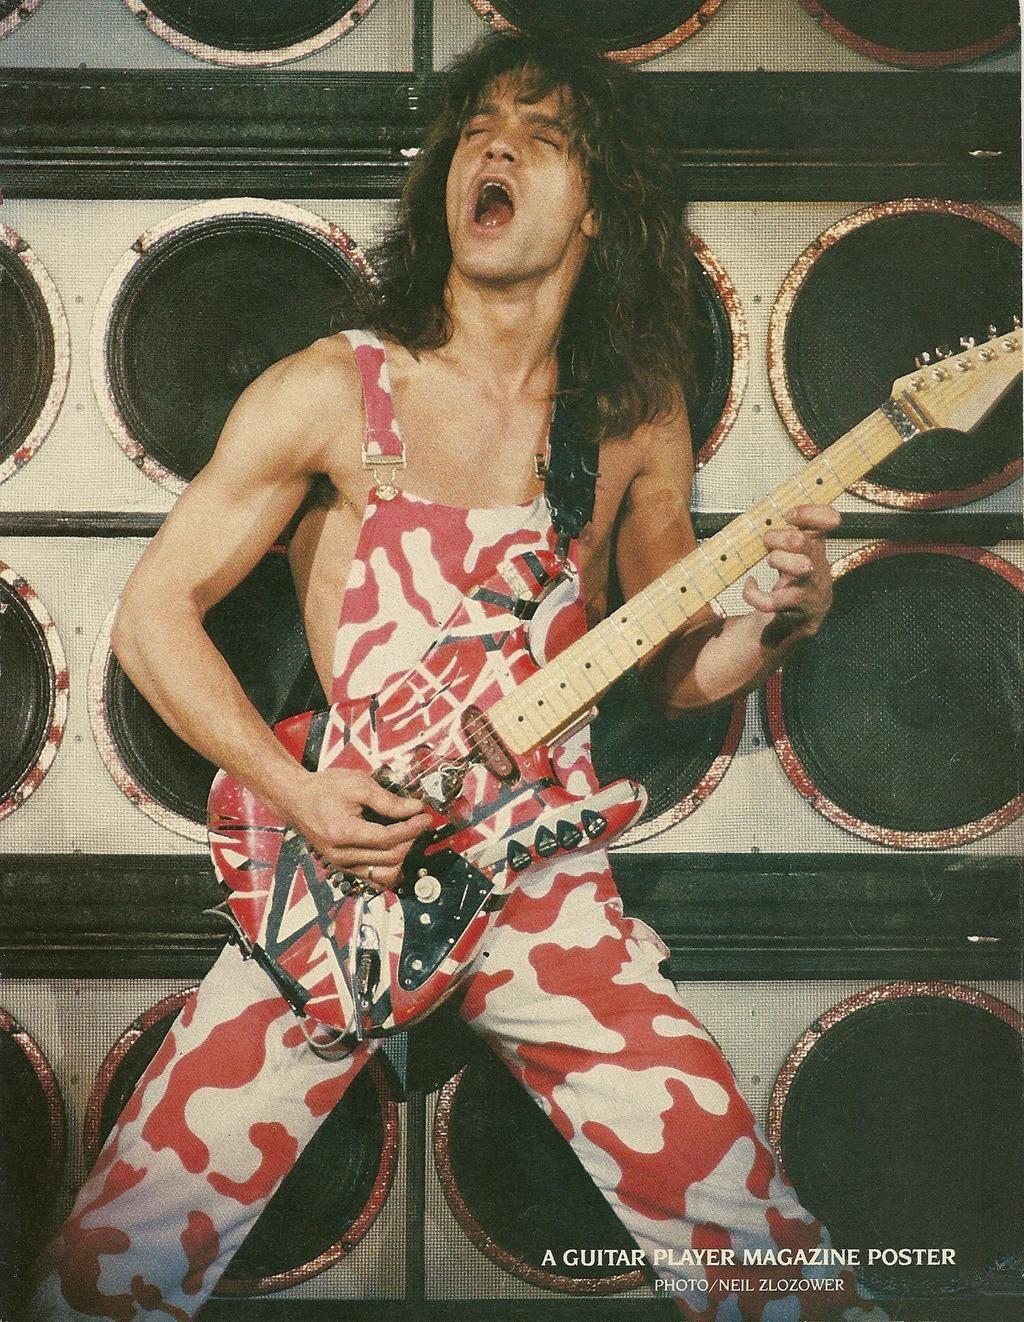 Greg Renoff On Twitter Van Halen Eddie Van Halen Good Music